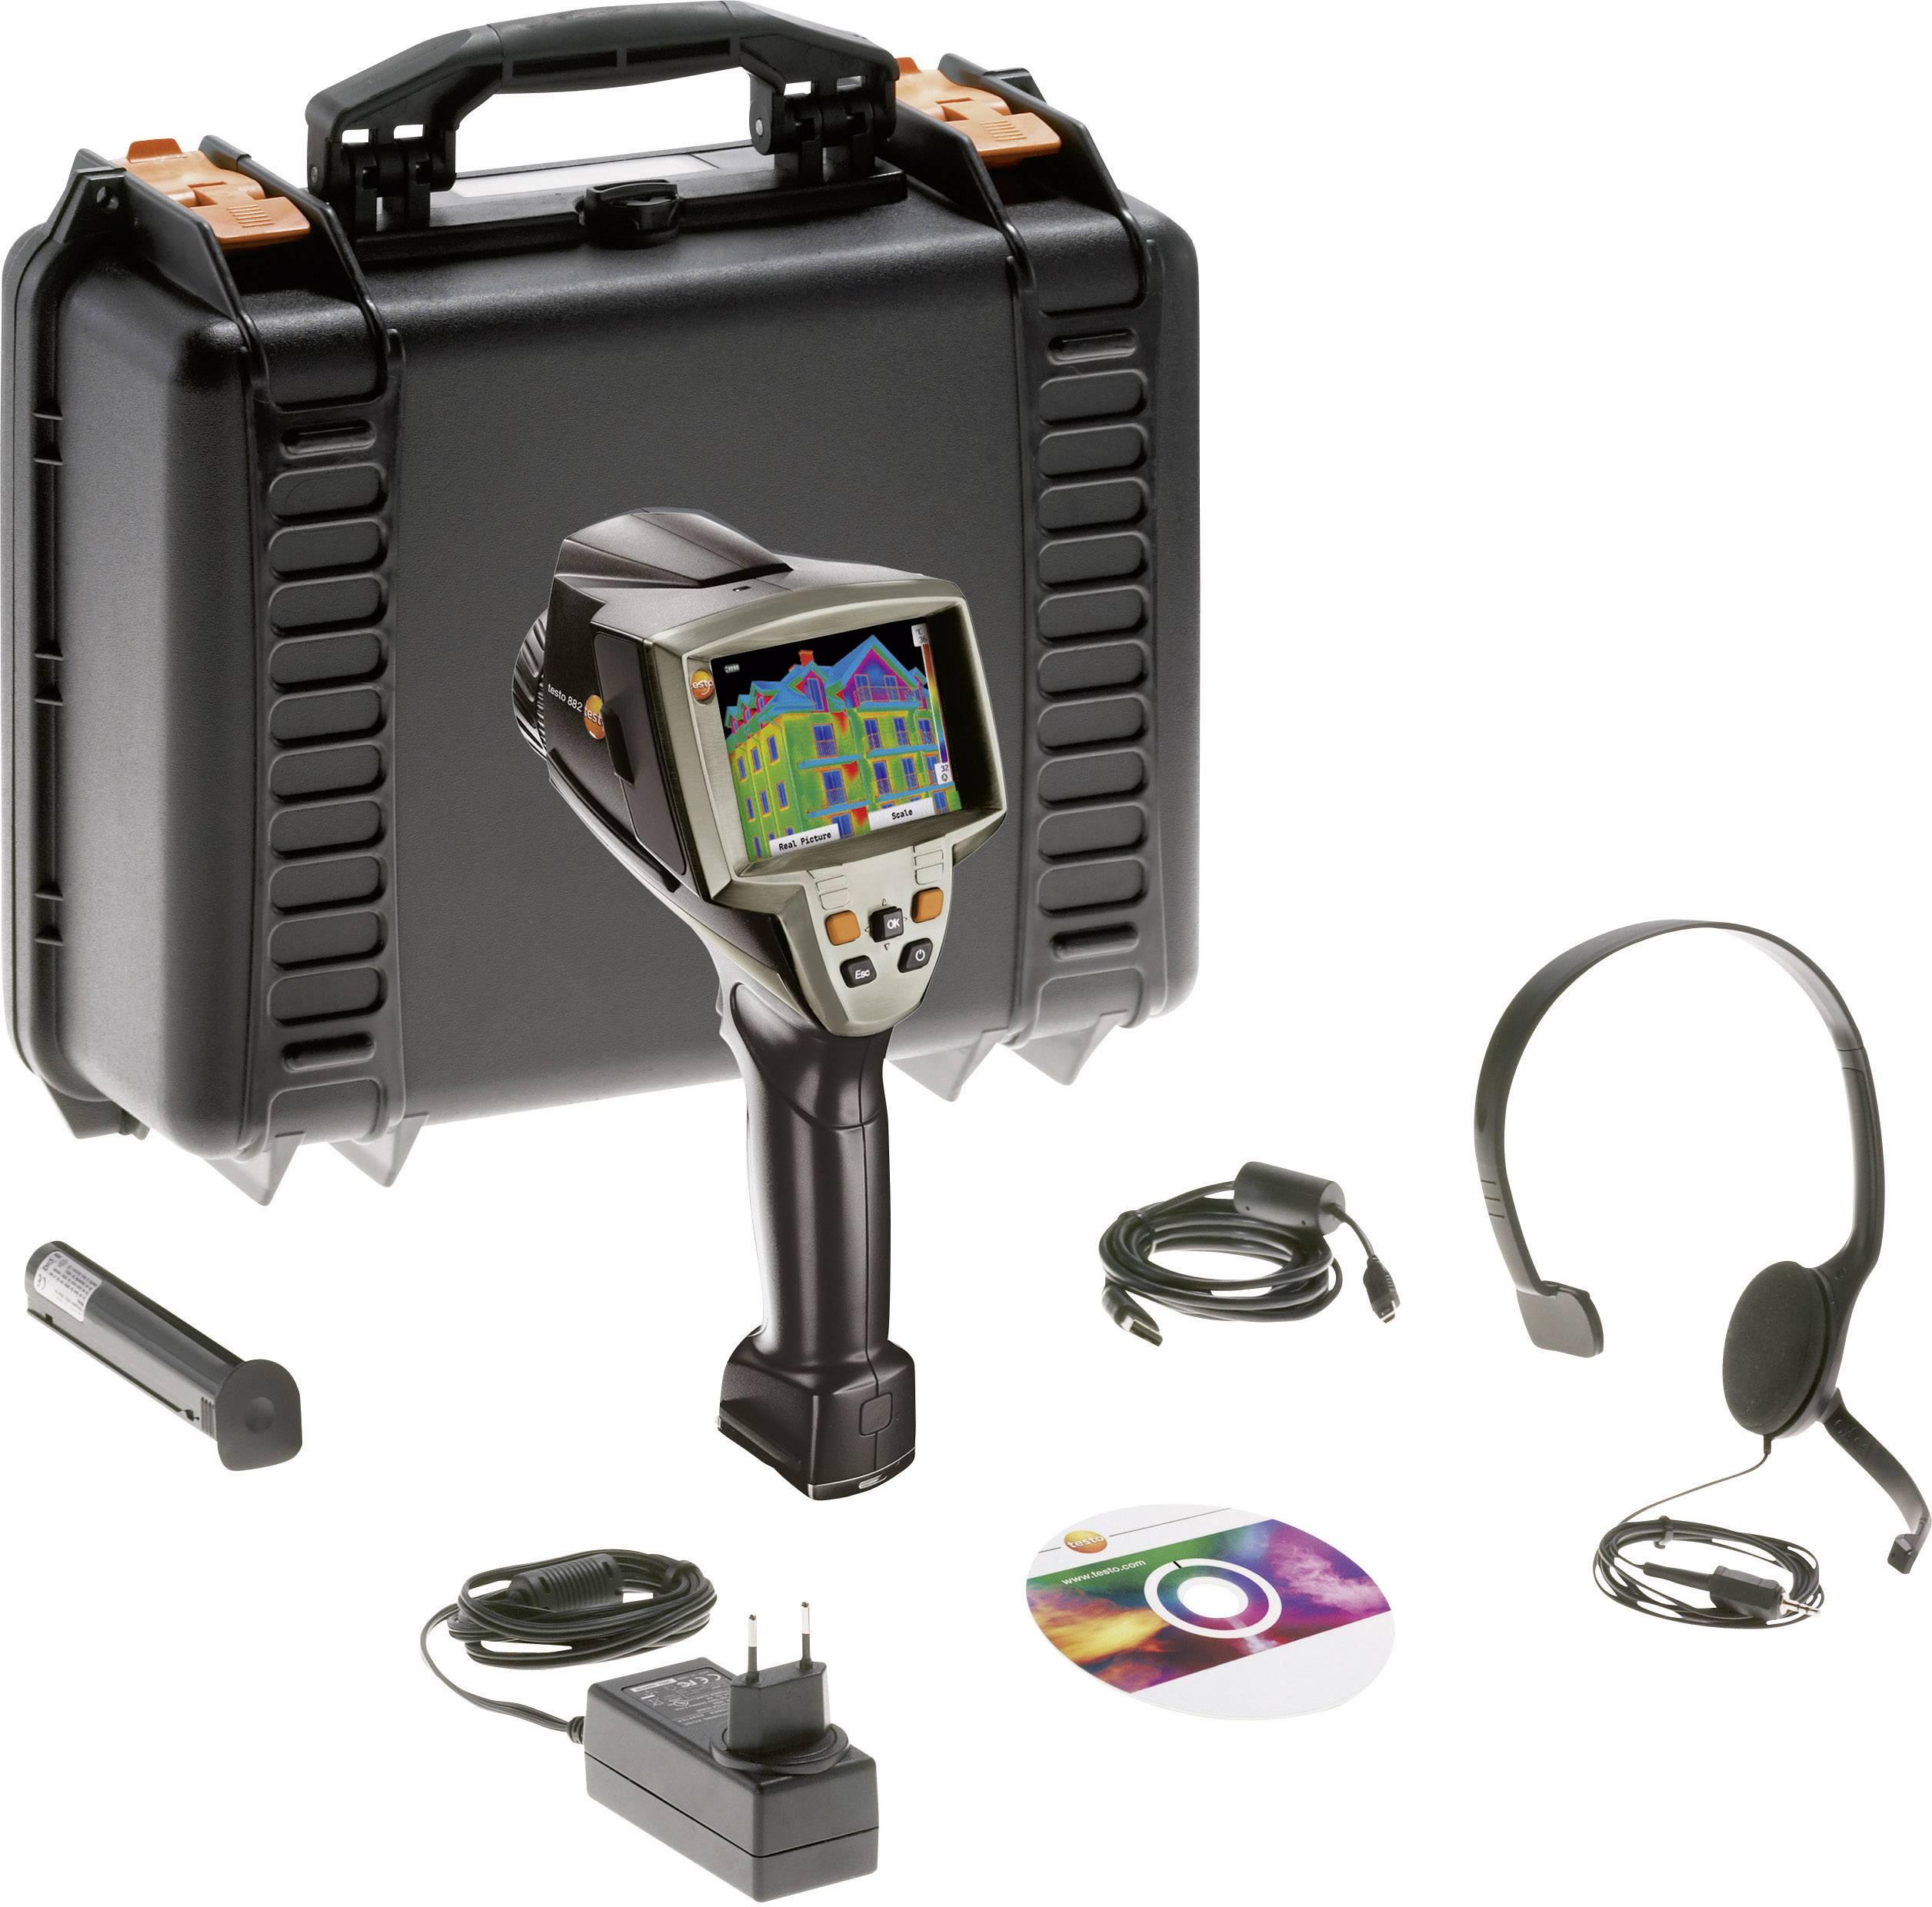 Termálna kamera testo testo 882 0560 0882, 320 x 240 pix